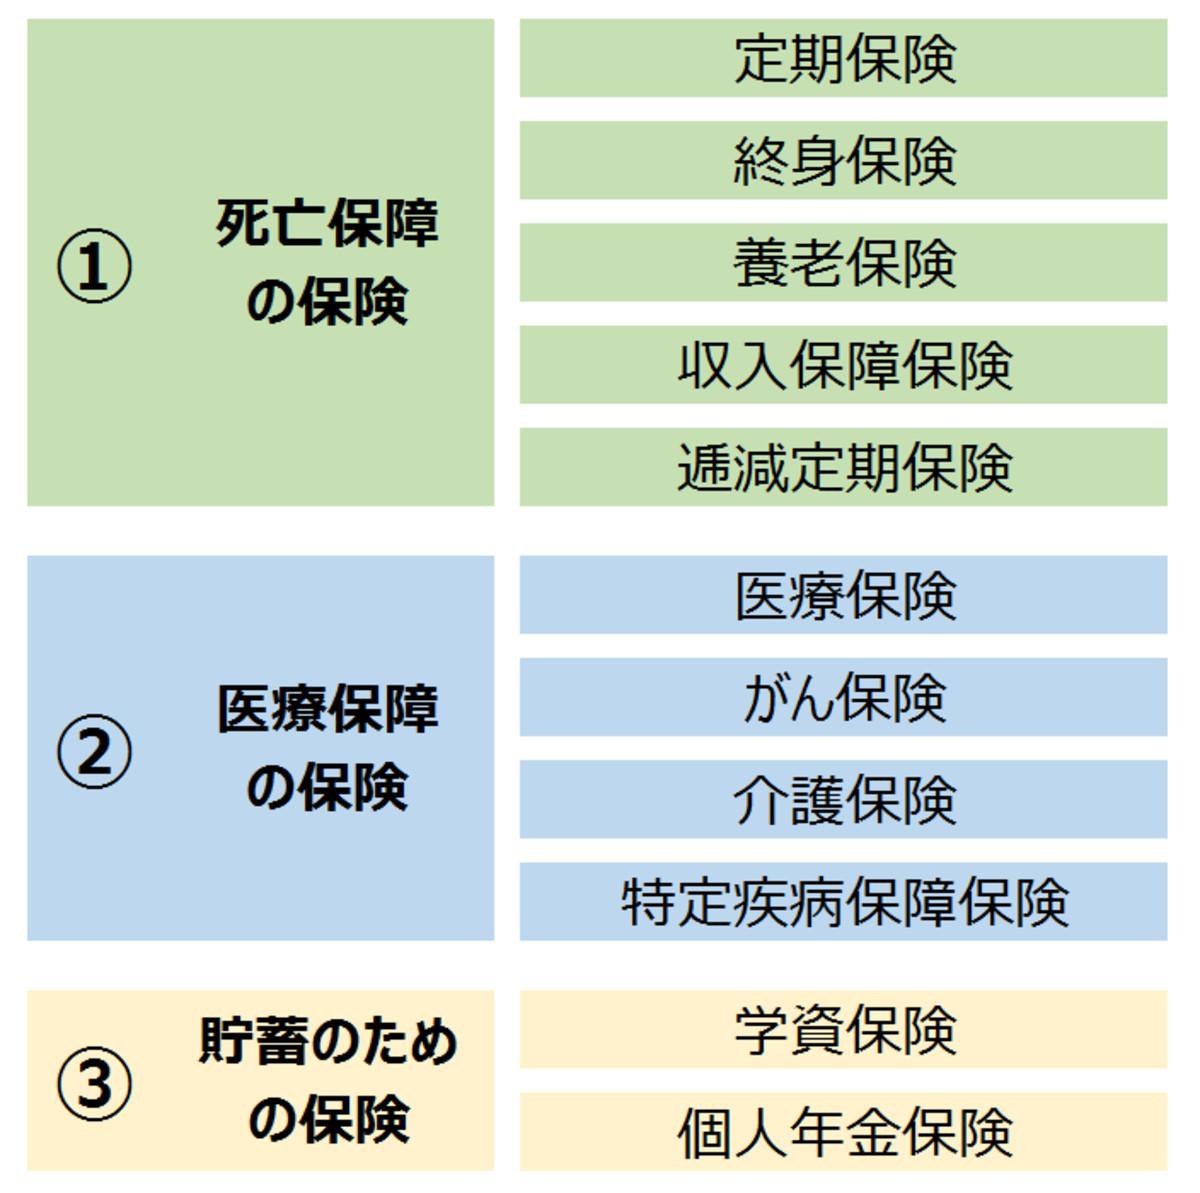 生命保険の種類の一覧表(編集部にて作成)